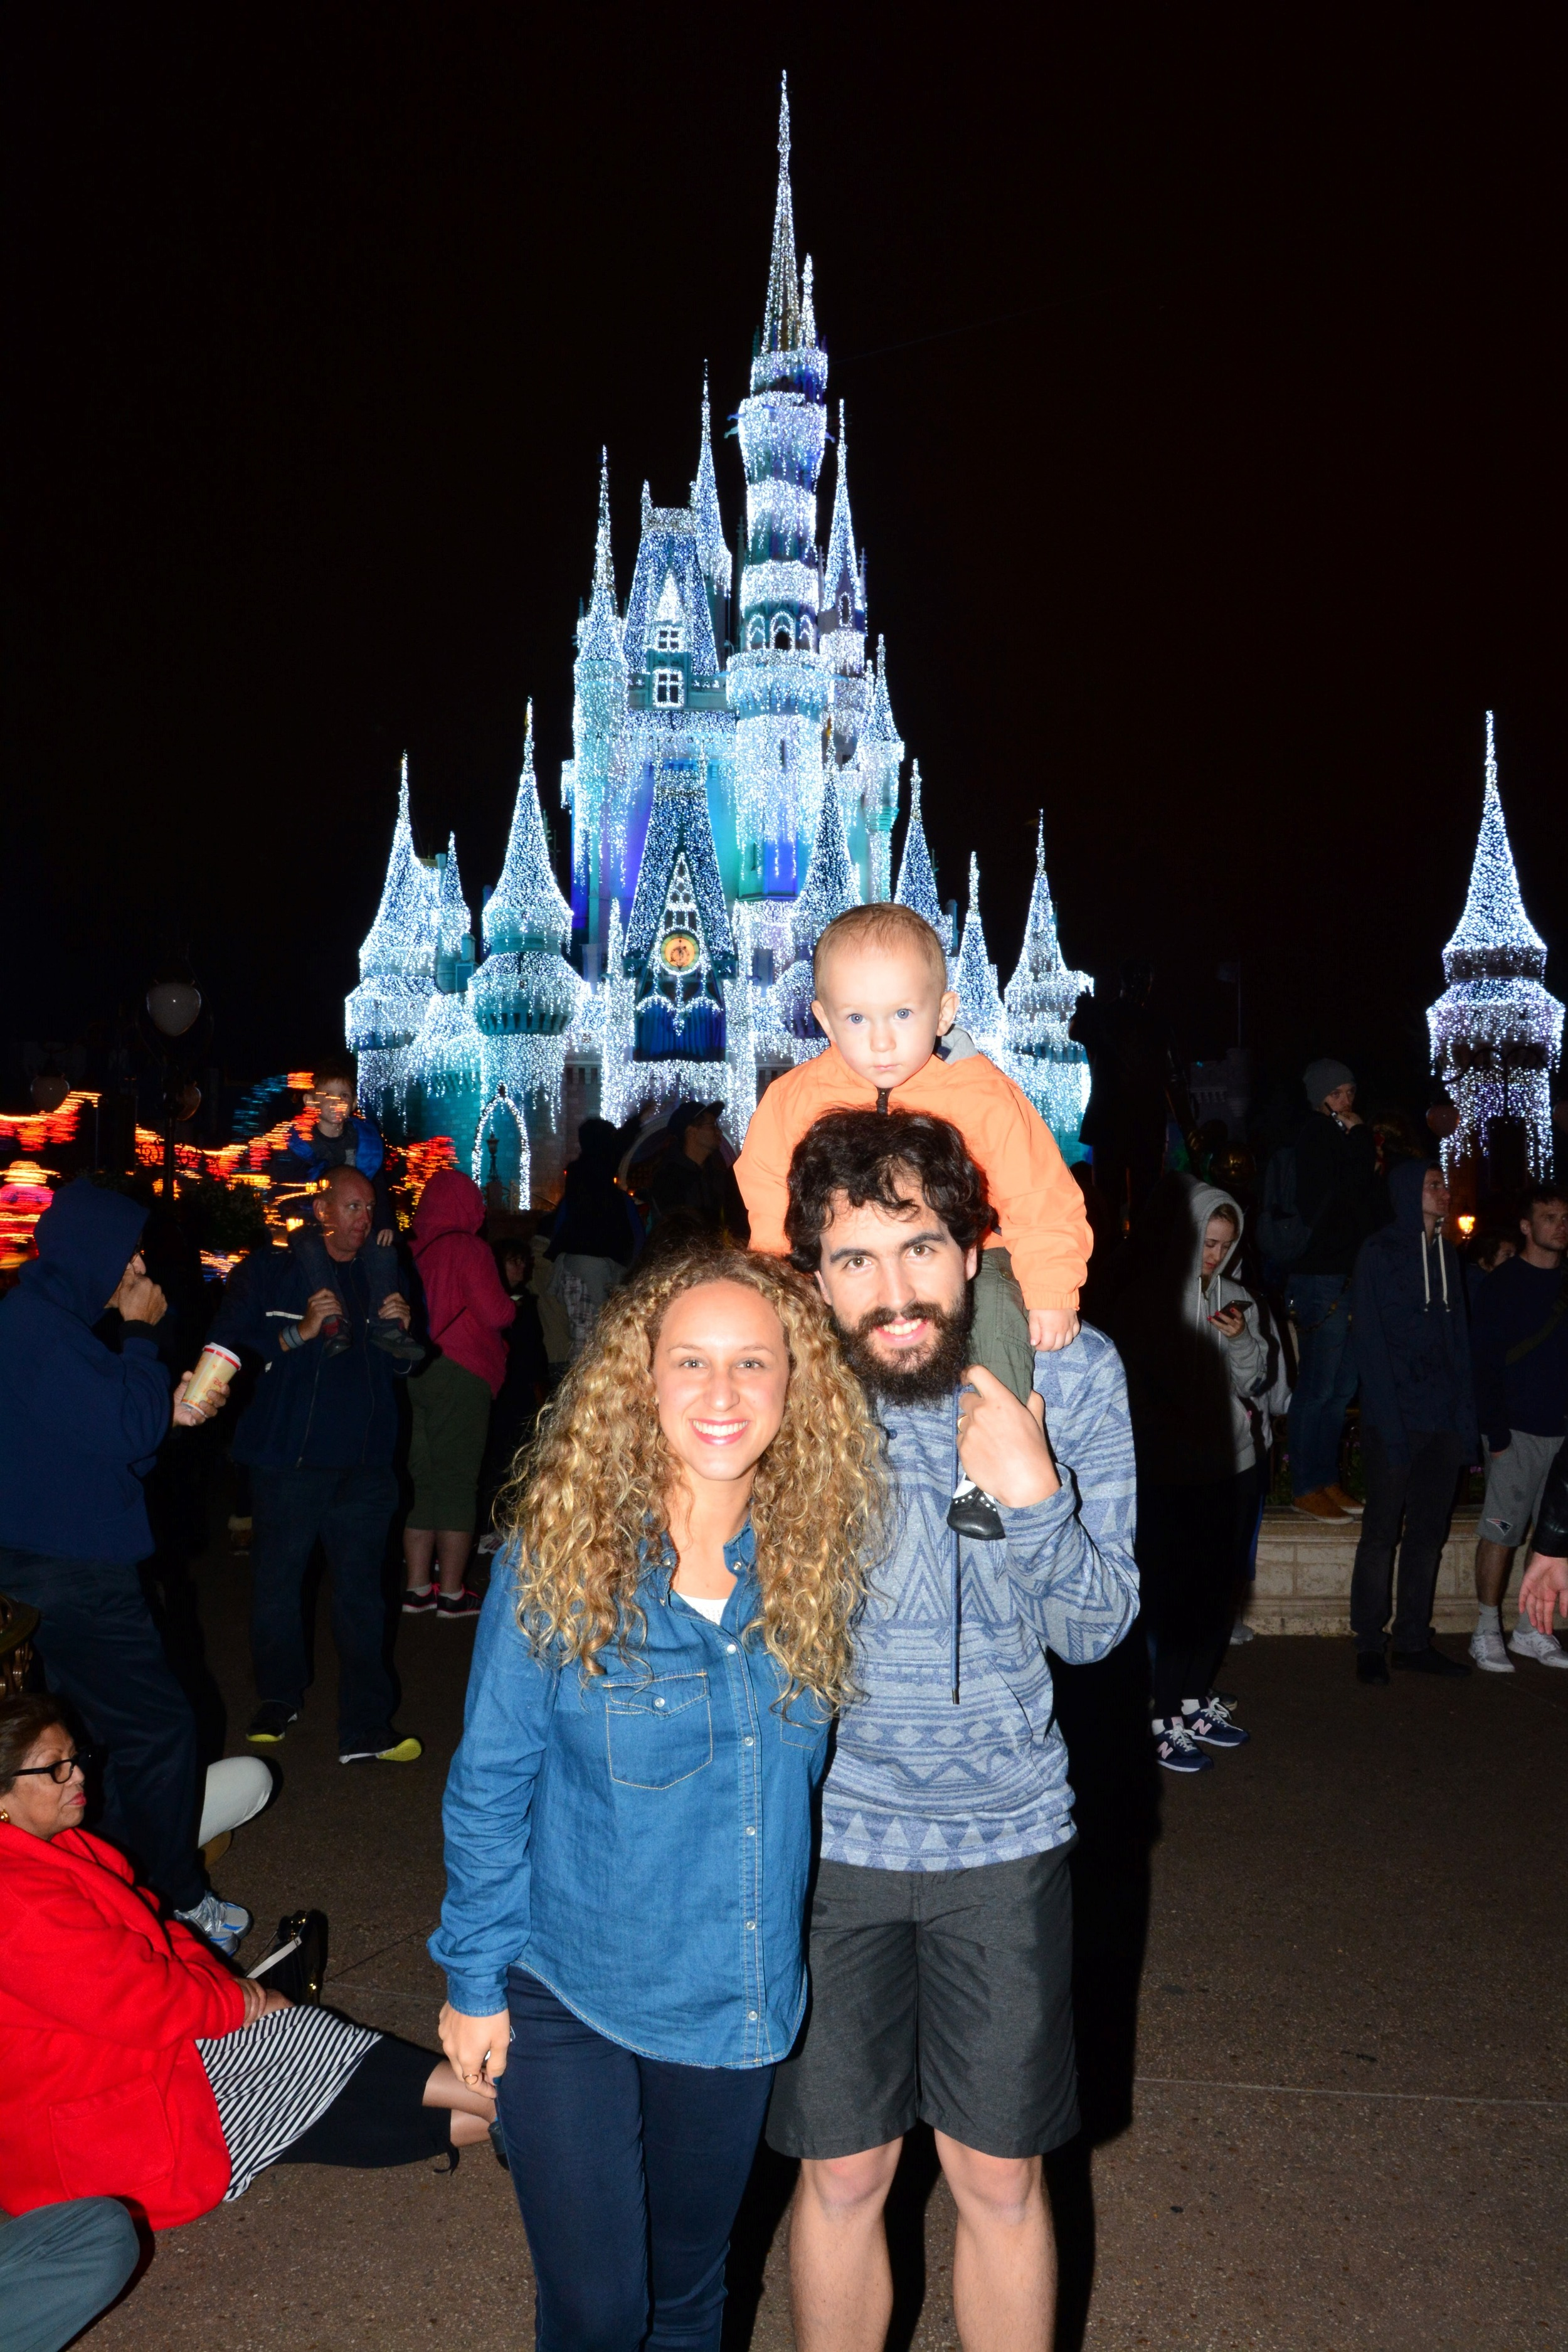 PhotoPass_Visiting_Magic_Kingdom_Park_7577283468.jpg